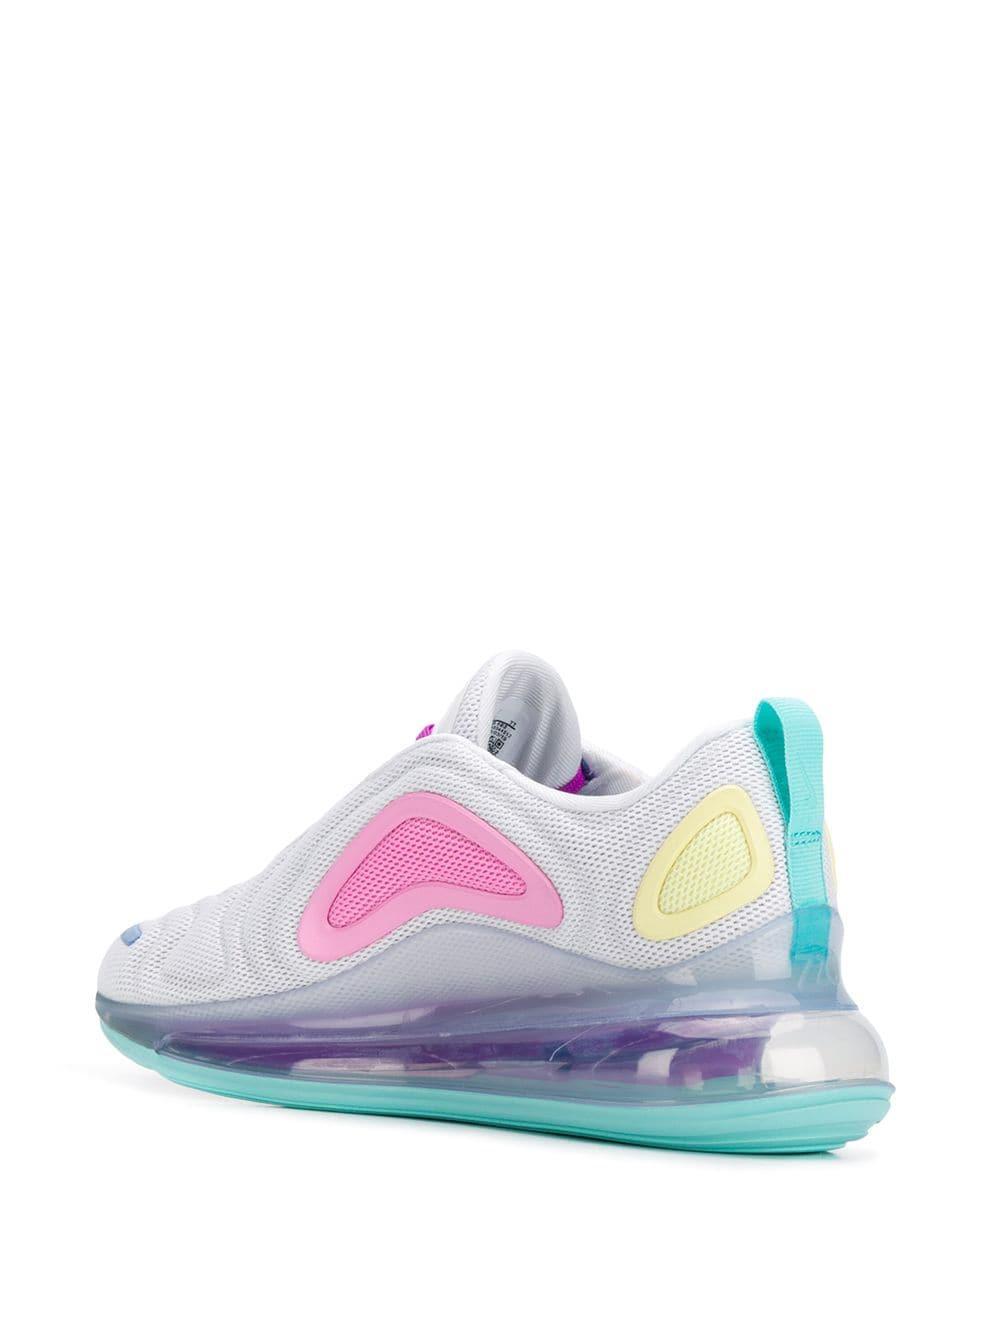 Air Max 720 Pastel Sneakers